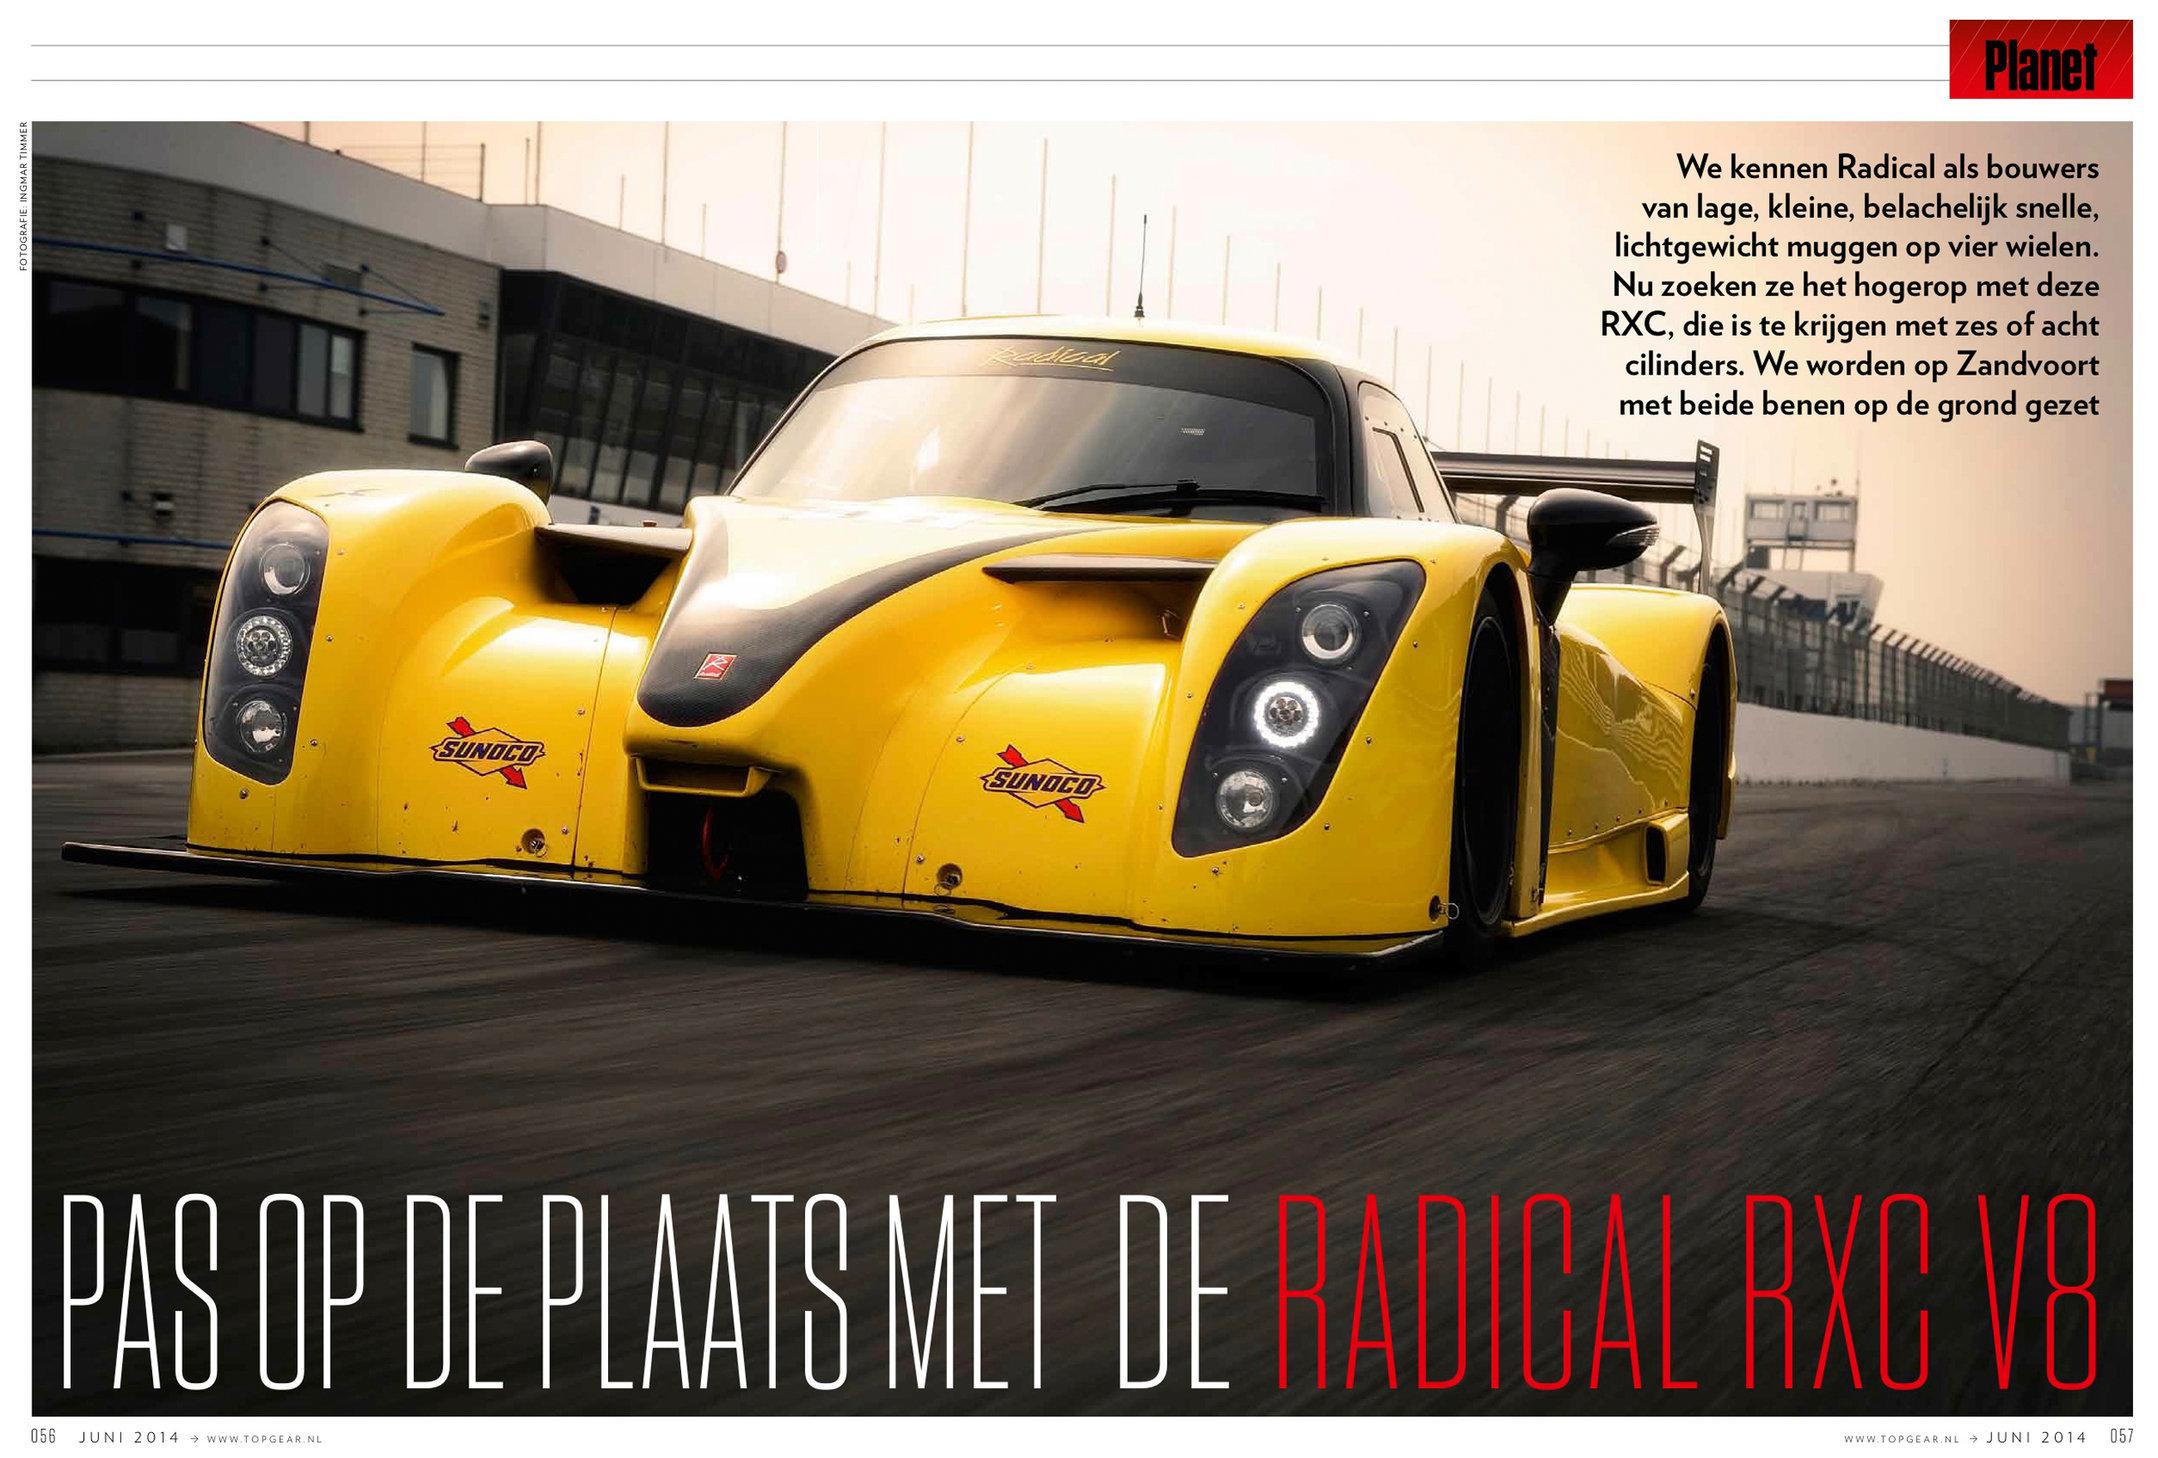 Radical RXC V8